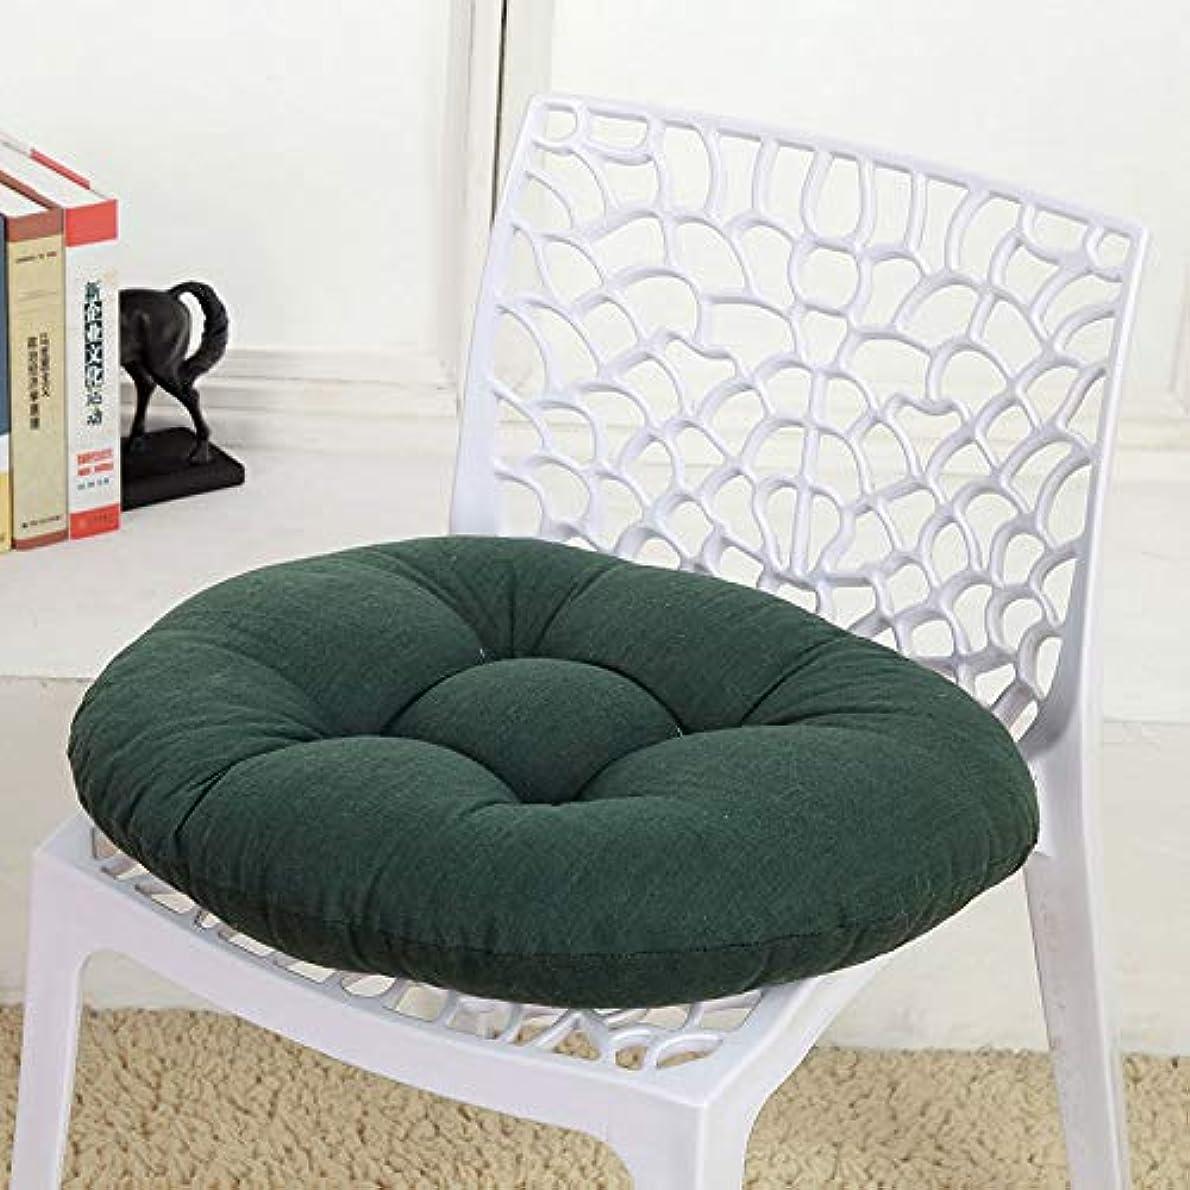 一月桃アーサーLIFE キャンディカラーのクッションラウンドシートクッション波ウィンドウシートクッションクッション家の装飾パッドラウンド枕シート枕椅子座る枕 クッション 椅子